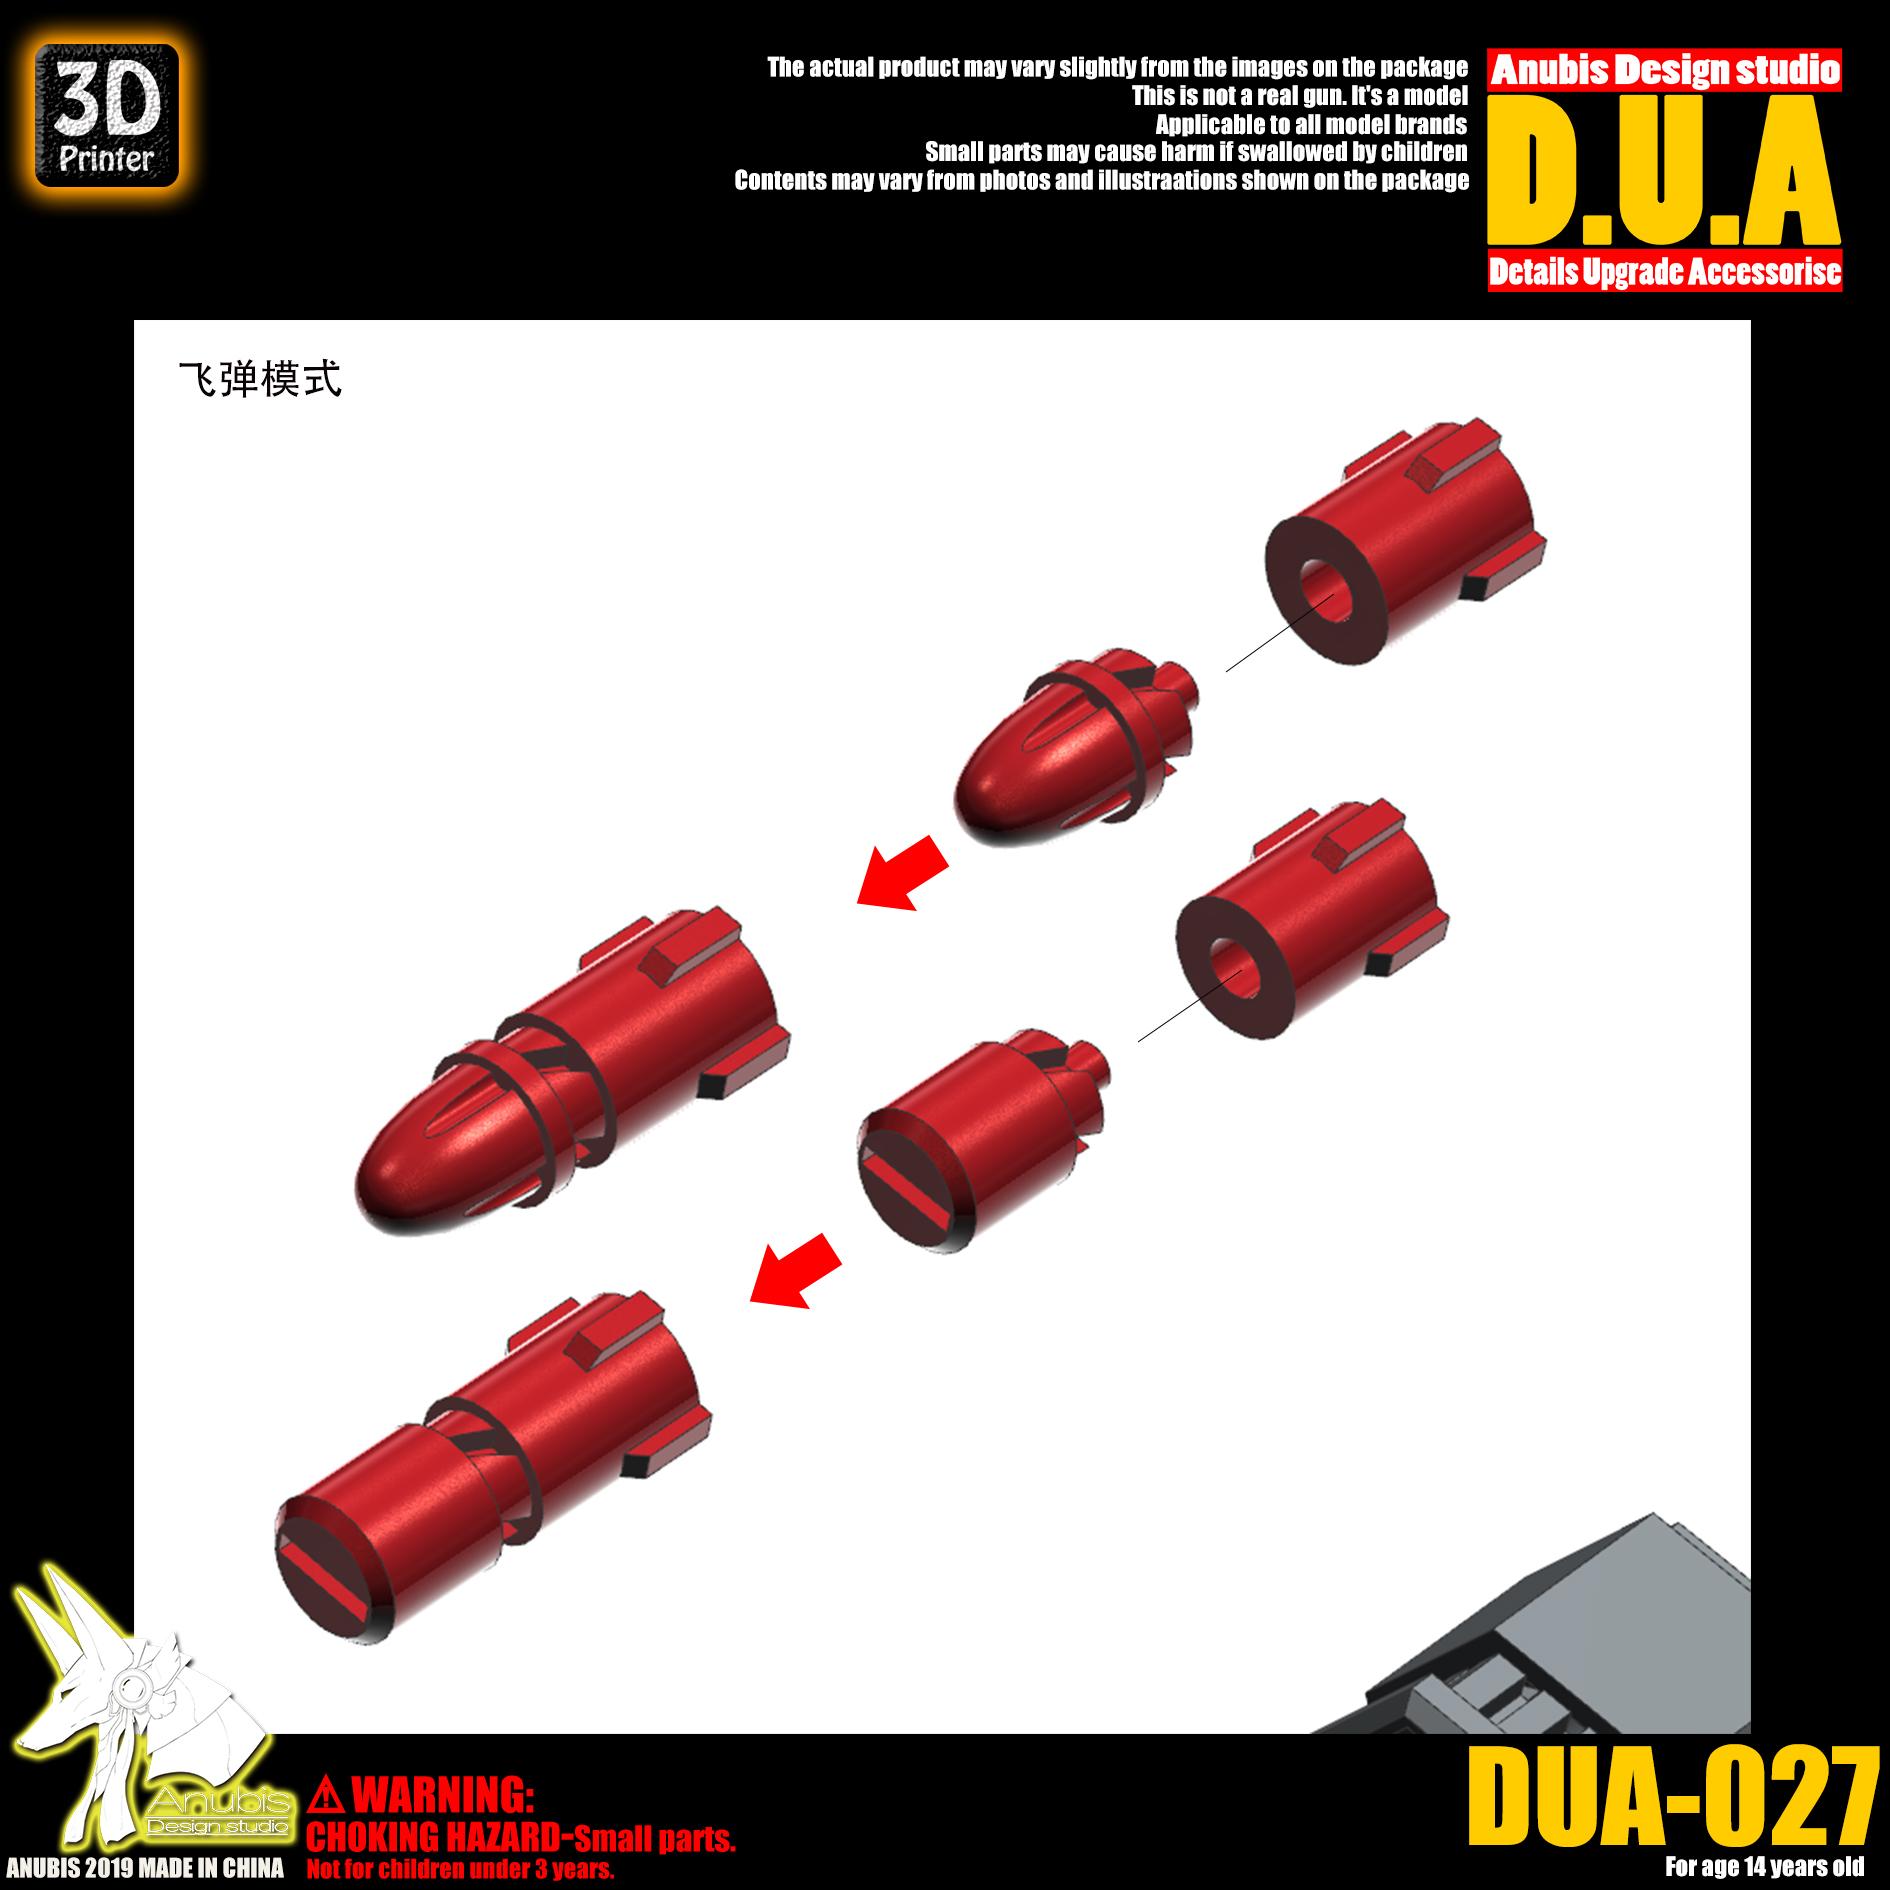 G413_DUA027_004.jpg